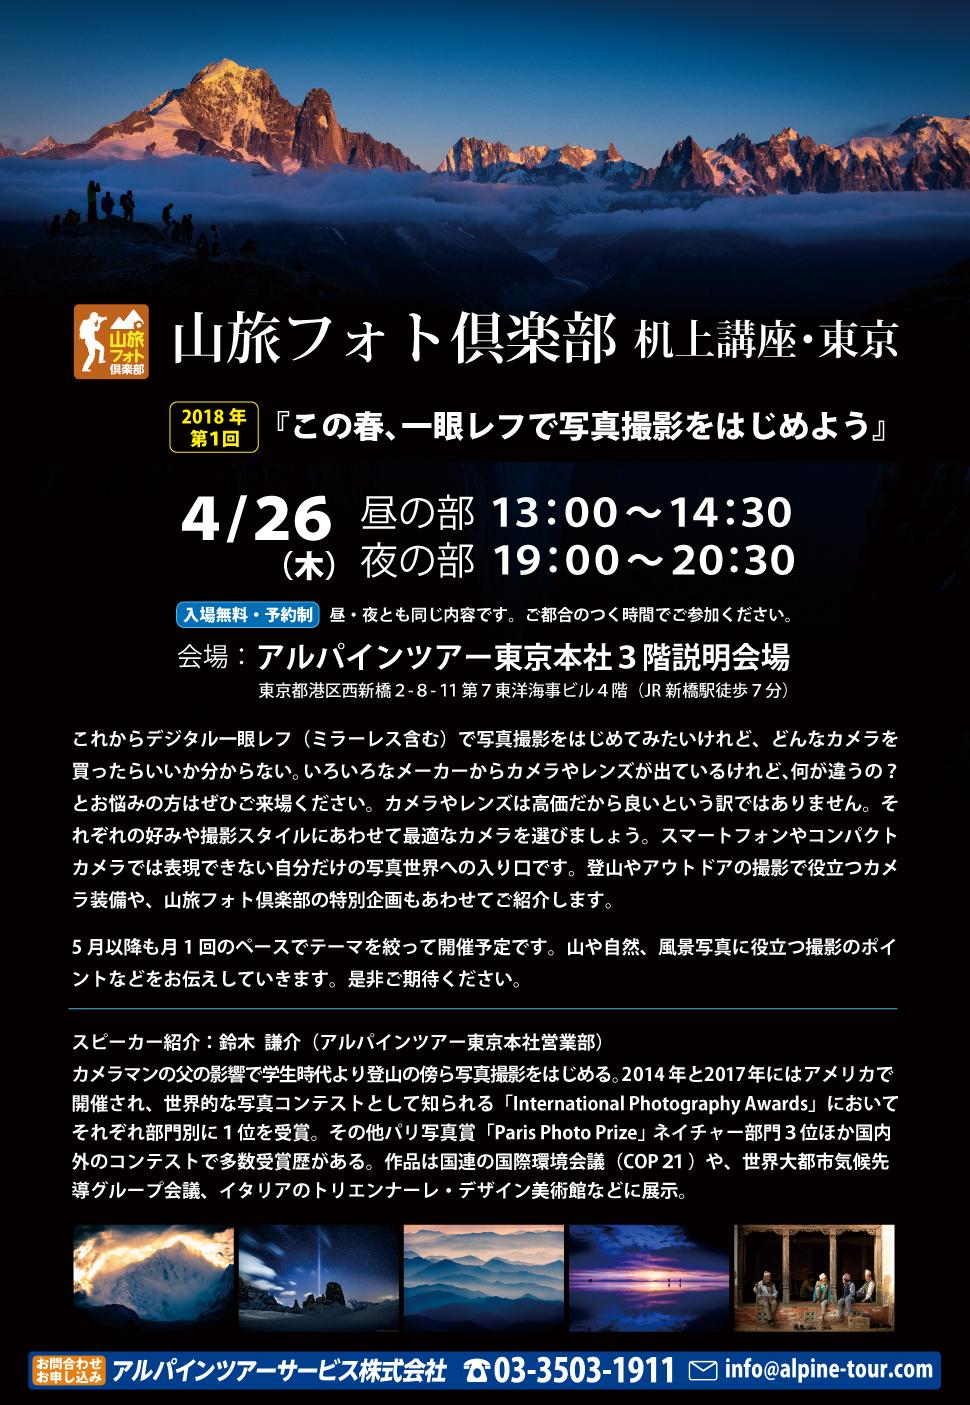 【東京】この春、一眼レフで写真撮影をはじめよう【昼&夜】